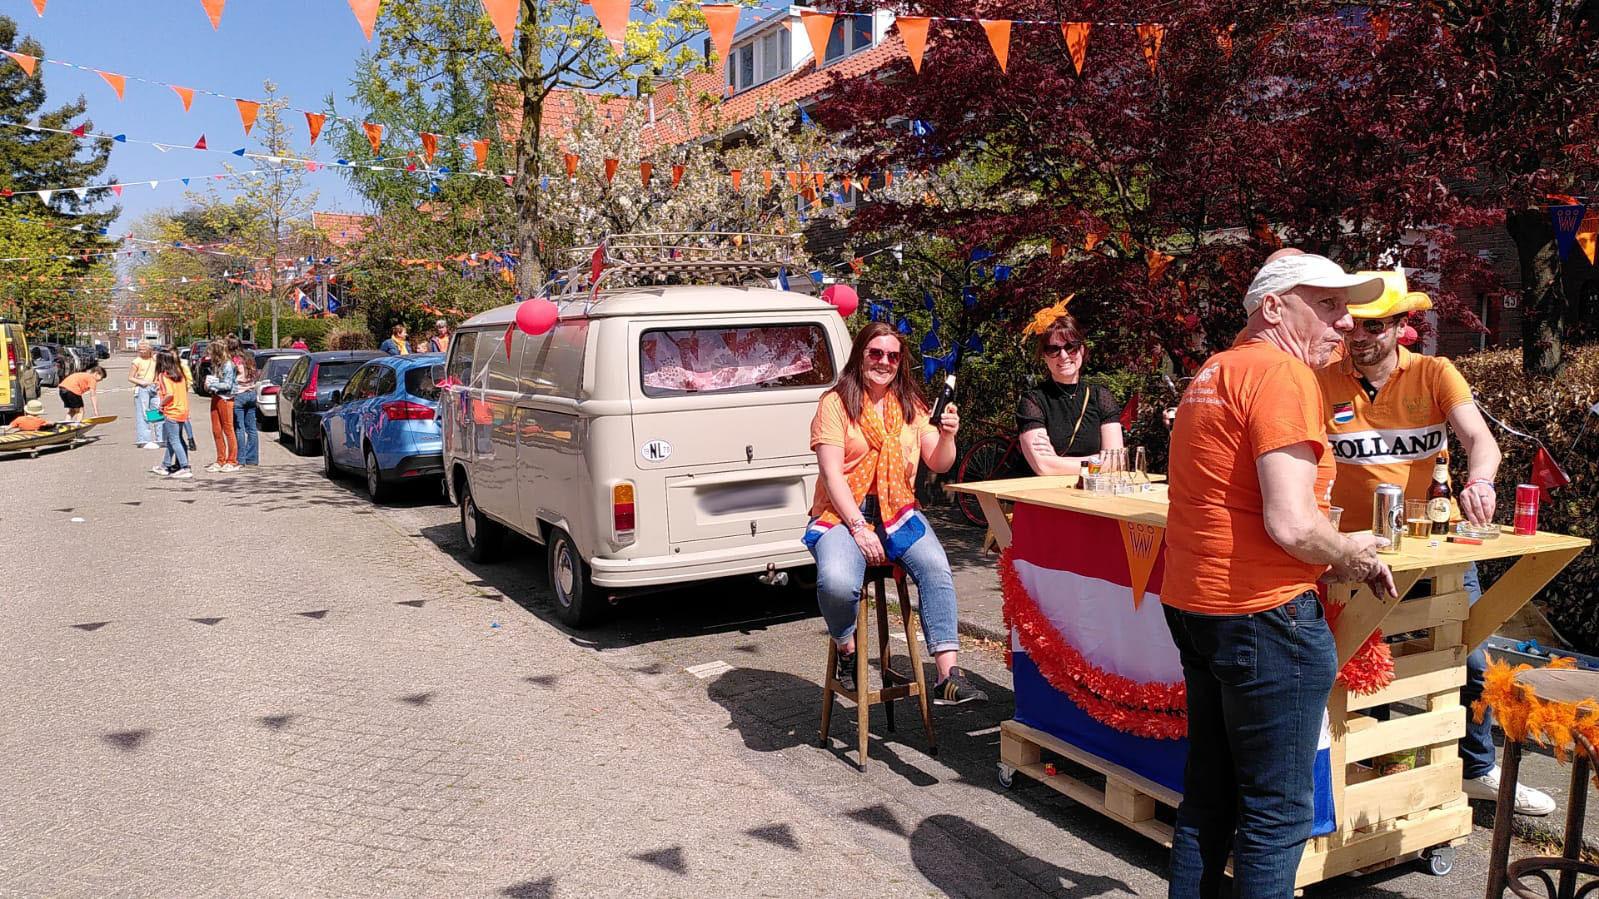 Geïmproviseerd barretje in de straat op Koningsdag in Eindhoven